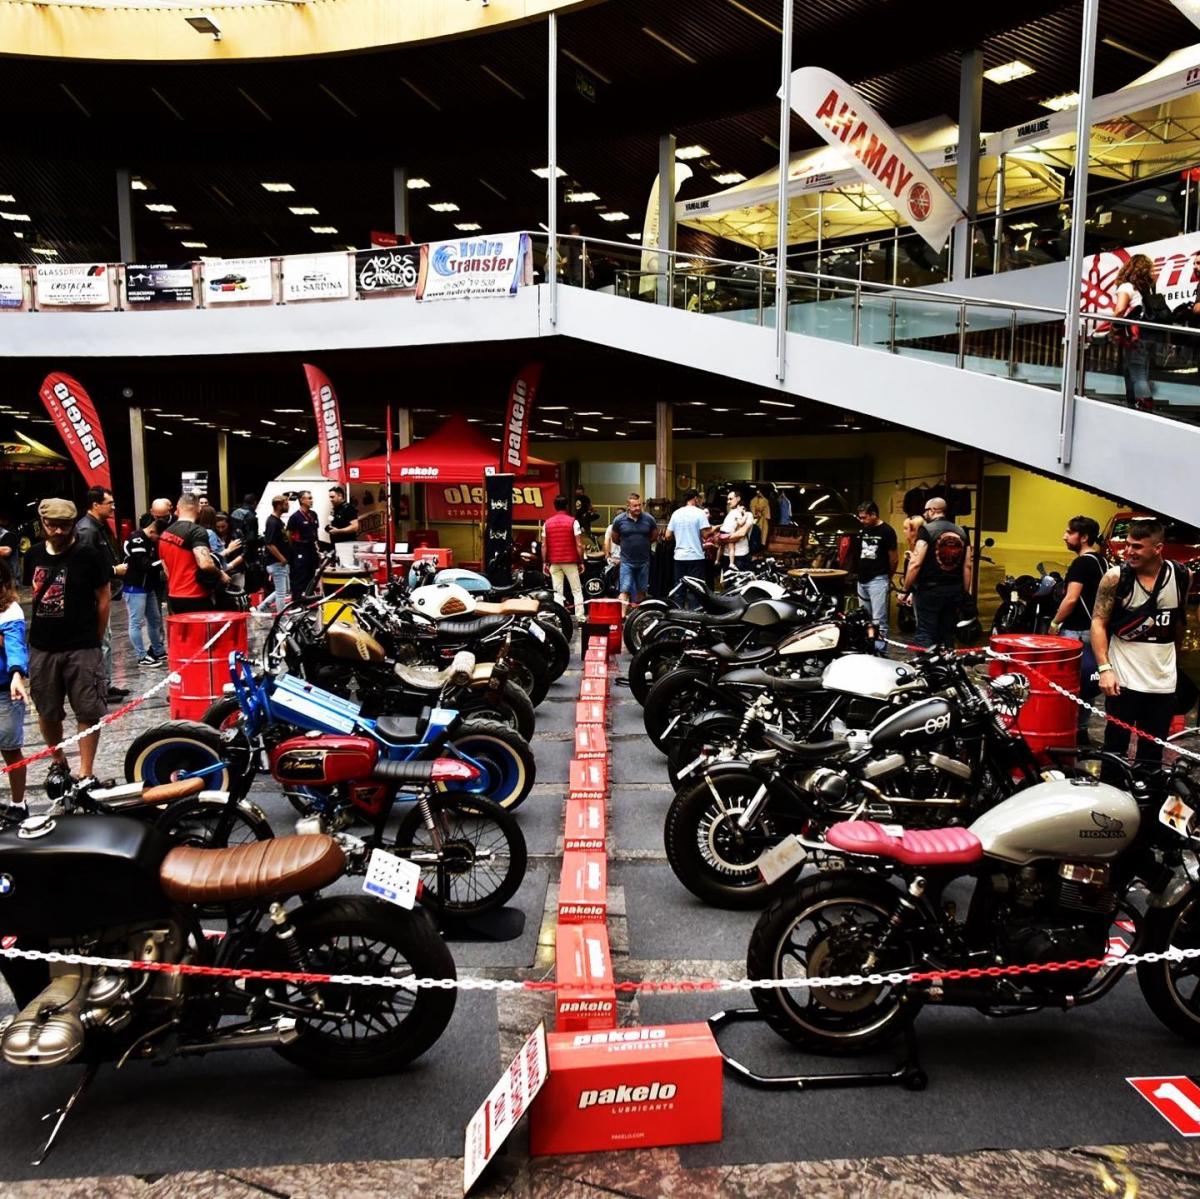 20201021140612_news_19_concentracion-mototuristica-ciudad-de-torremolinos-12-concejalia-de-cultura.jpg